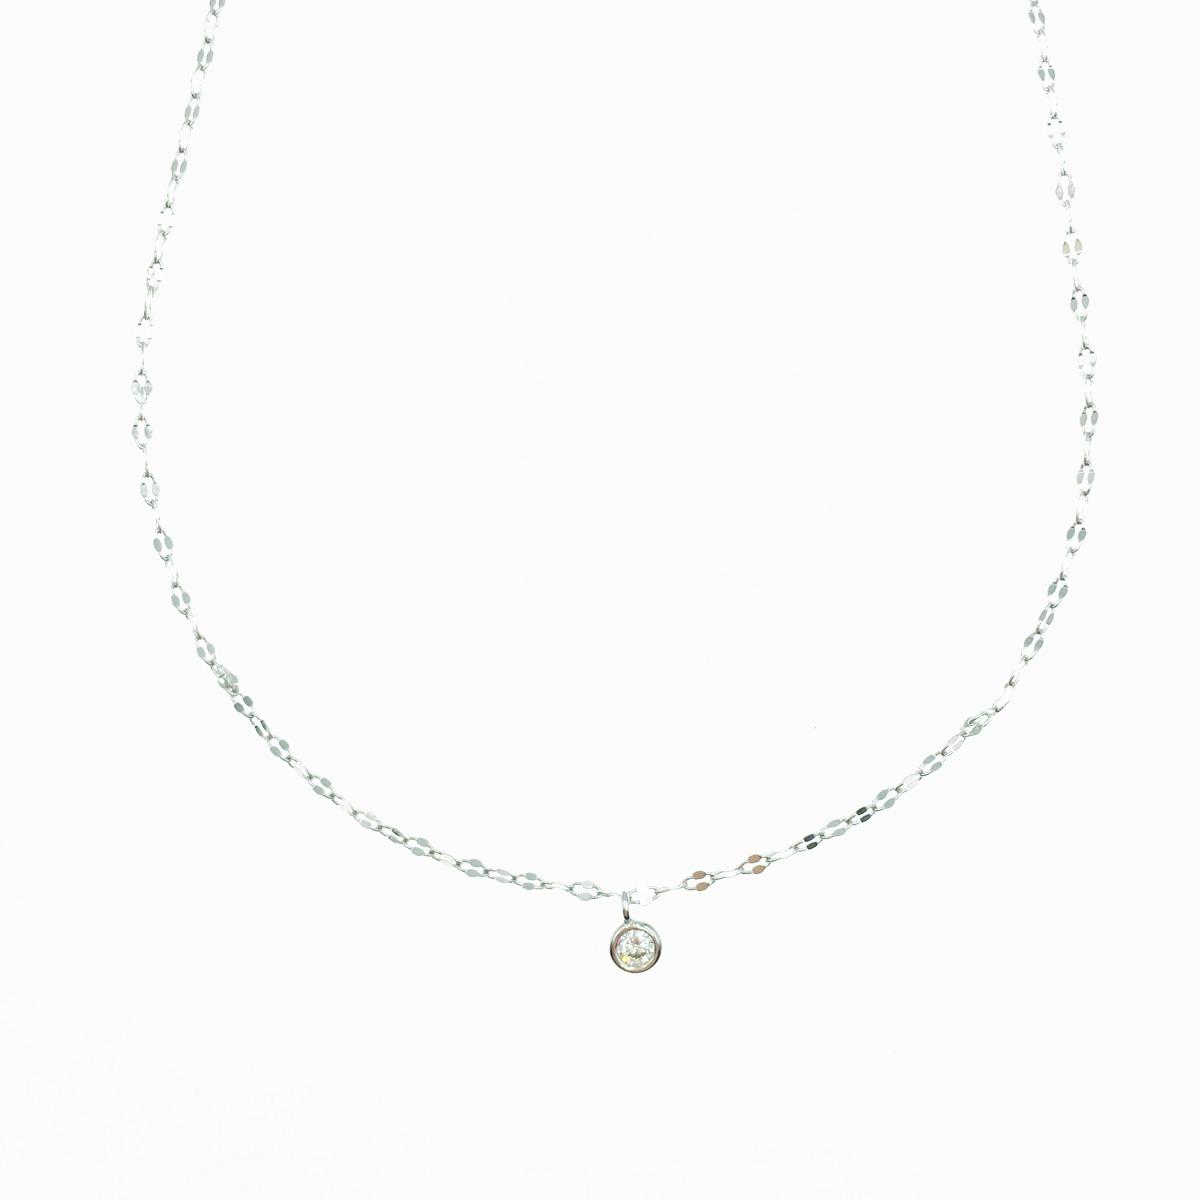 韓國 925純銀 水鑽 閃耀單鑽 簡約百搭 質感項鍊